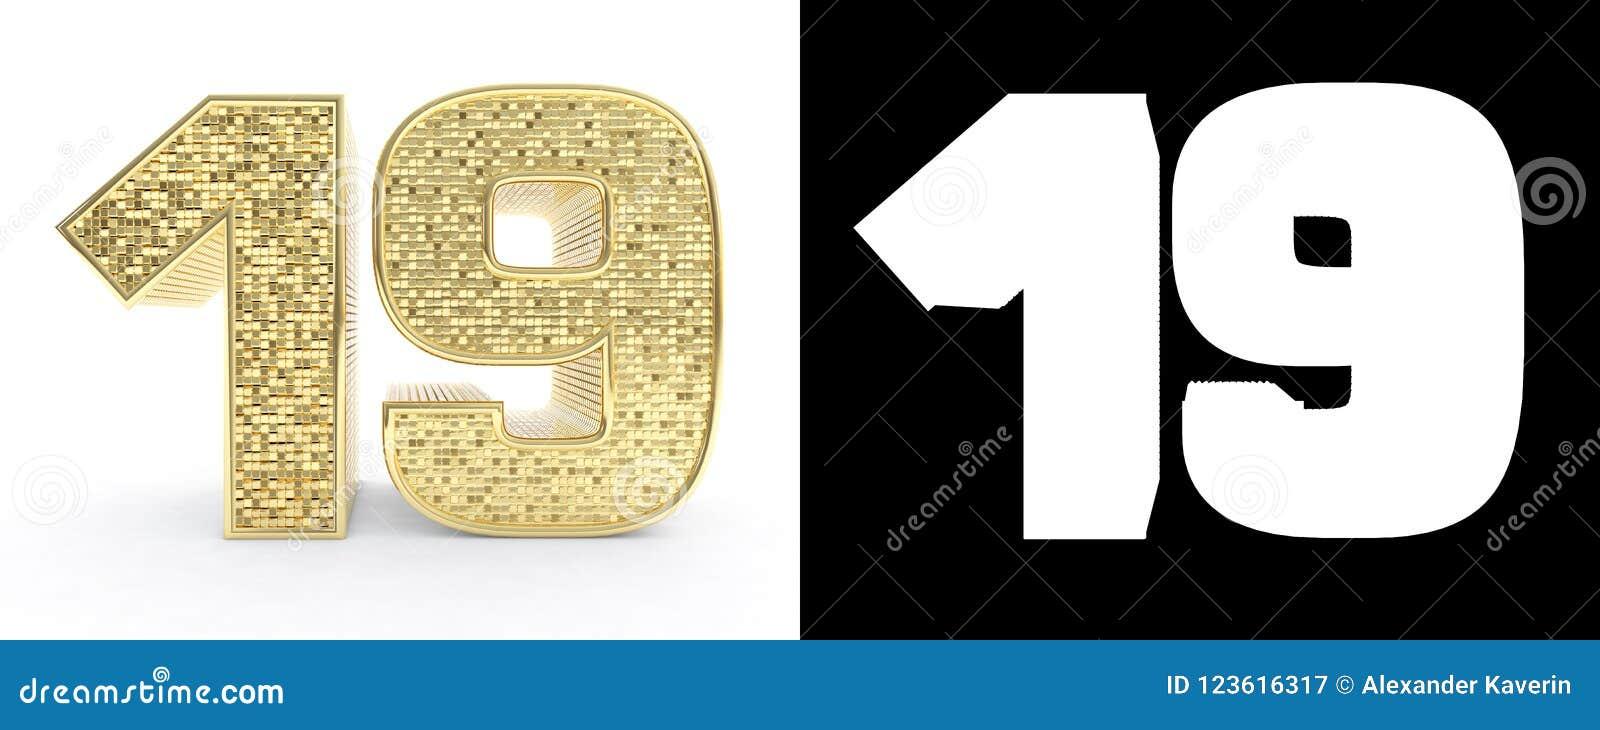 Le nombre d or dix-neuf numéro 19 sur le fond blanc avec l ombre et le canal alpha de baisse illustration 3D